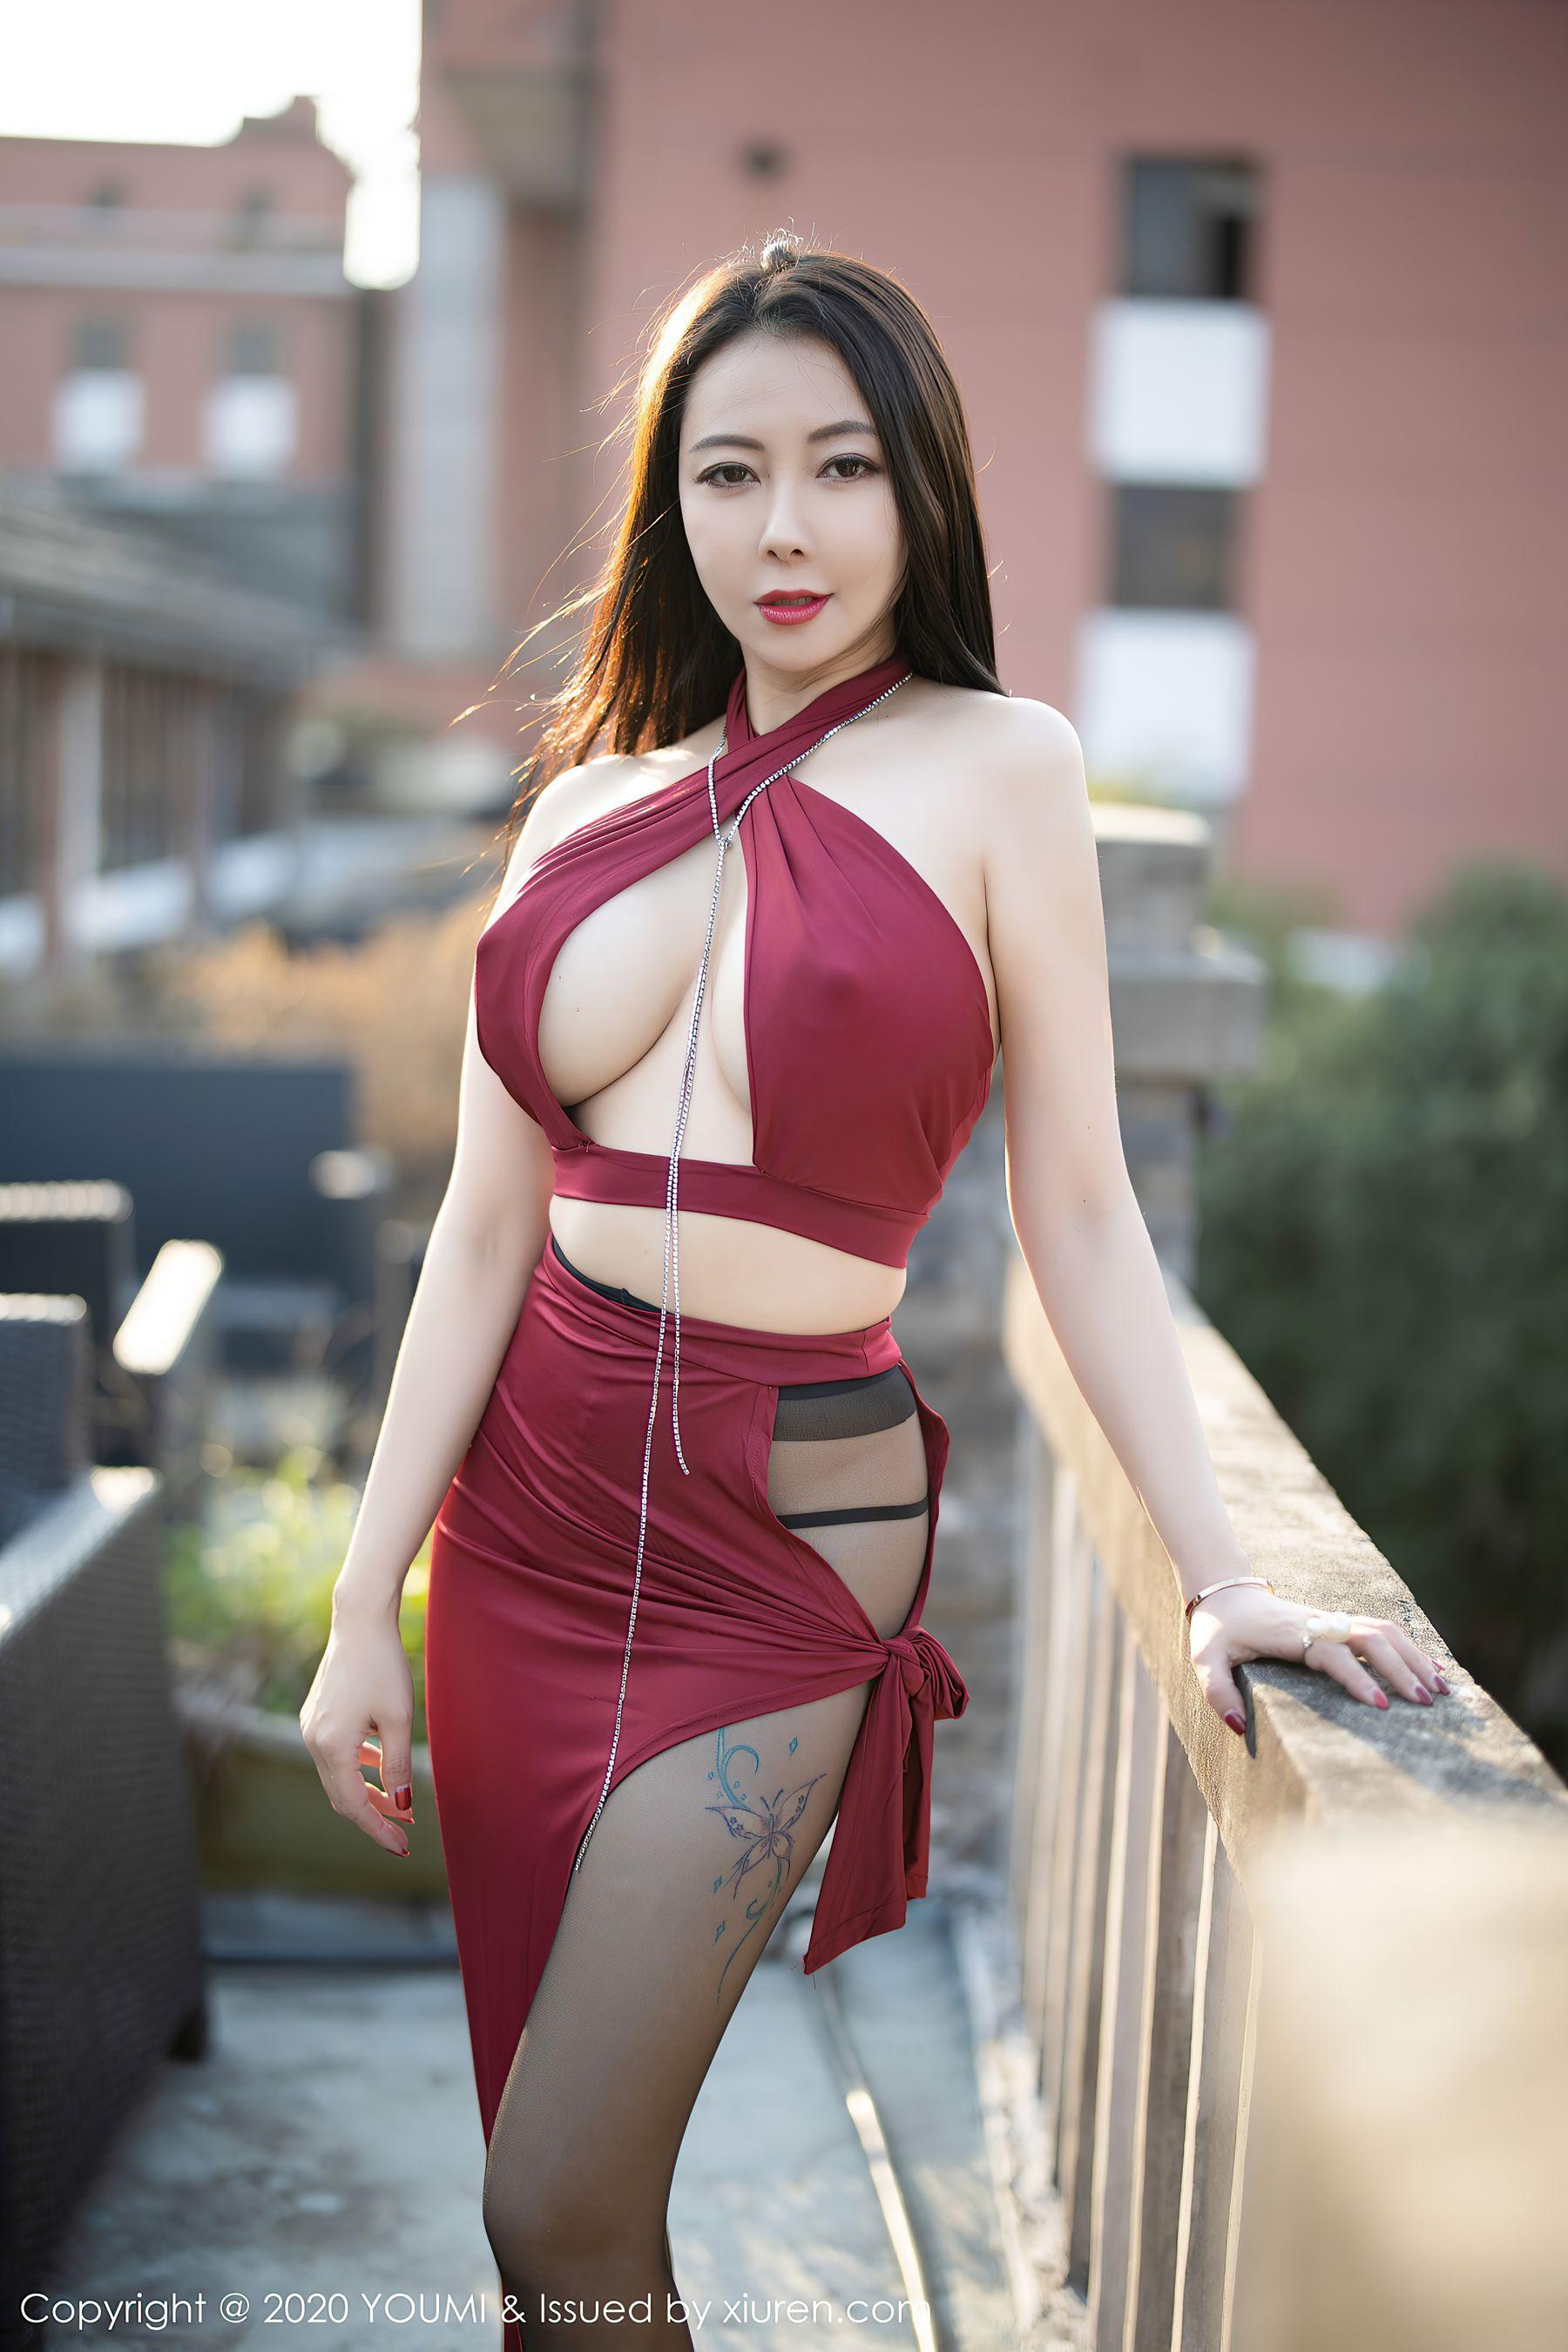 [尤蜜荟]松果儿(闫雪松)Vol.558超高清写真大图片(54P) 15热度